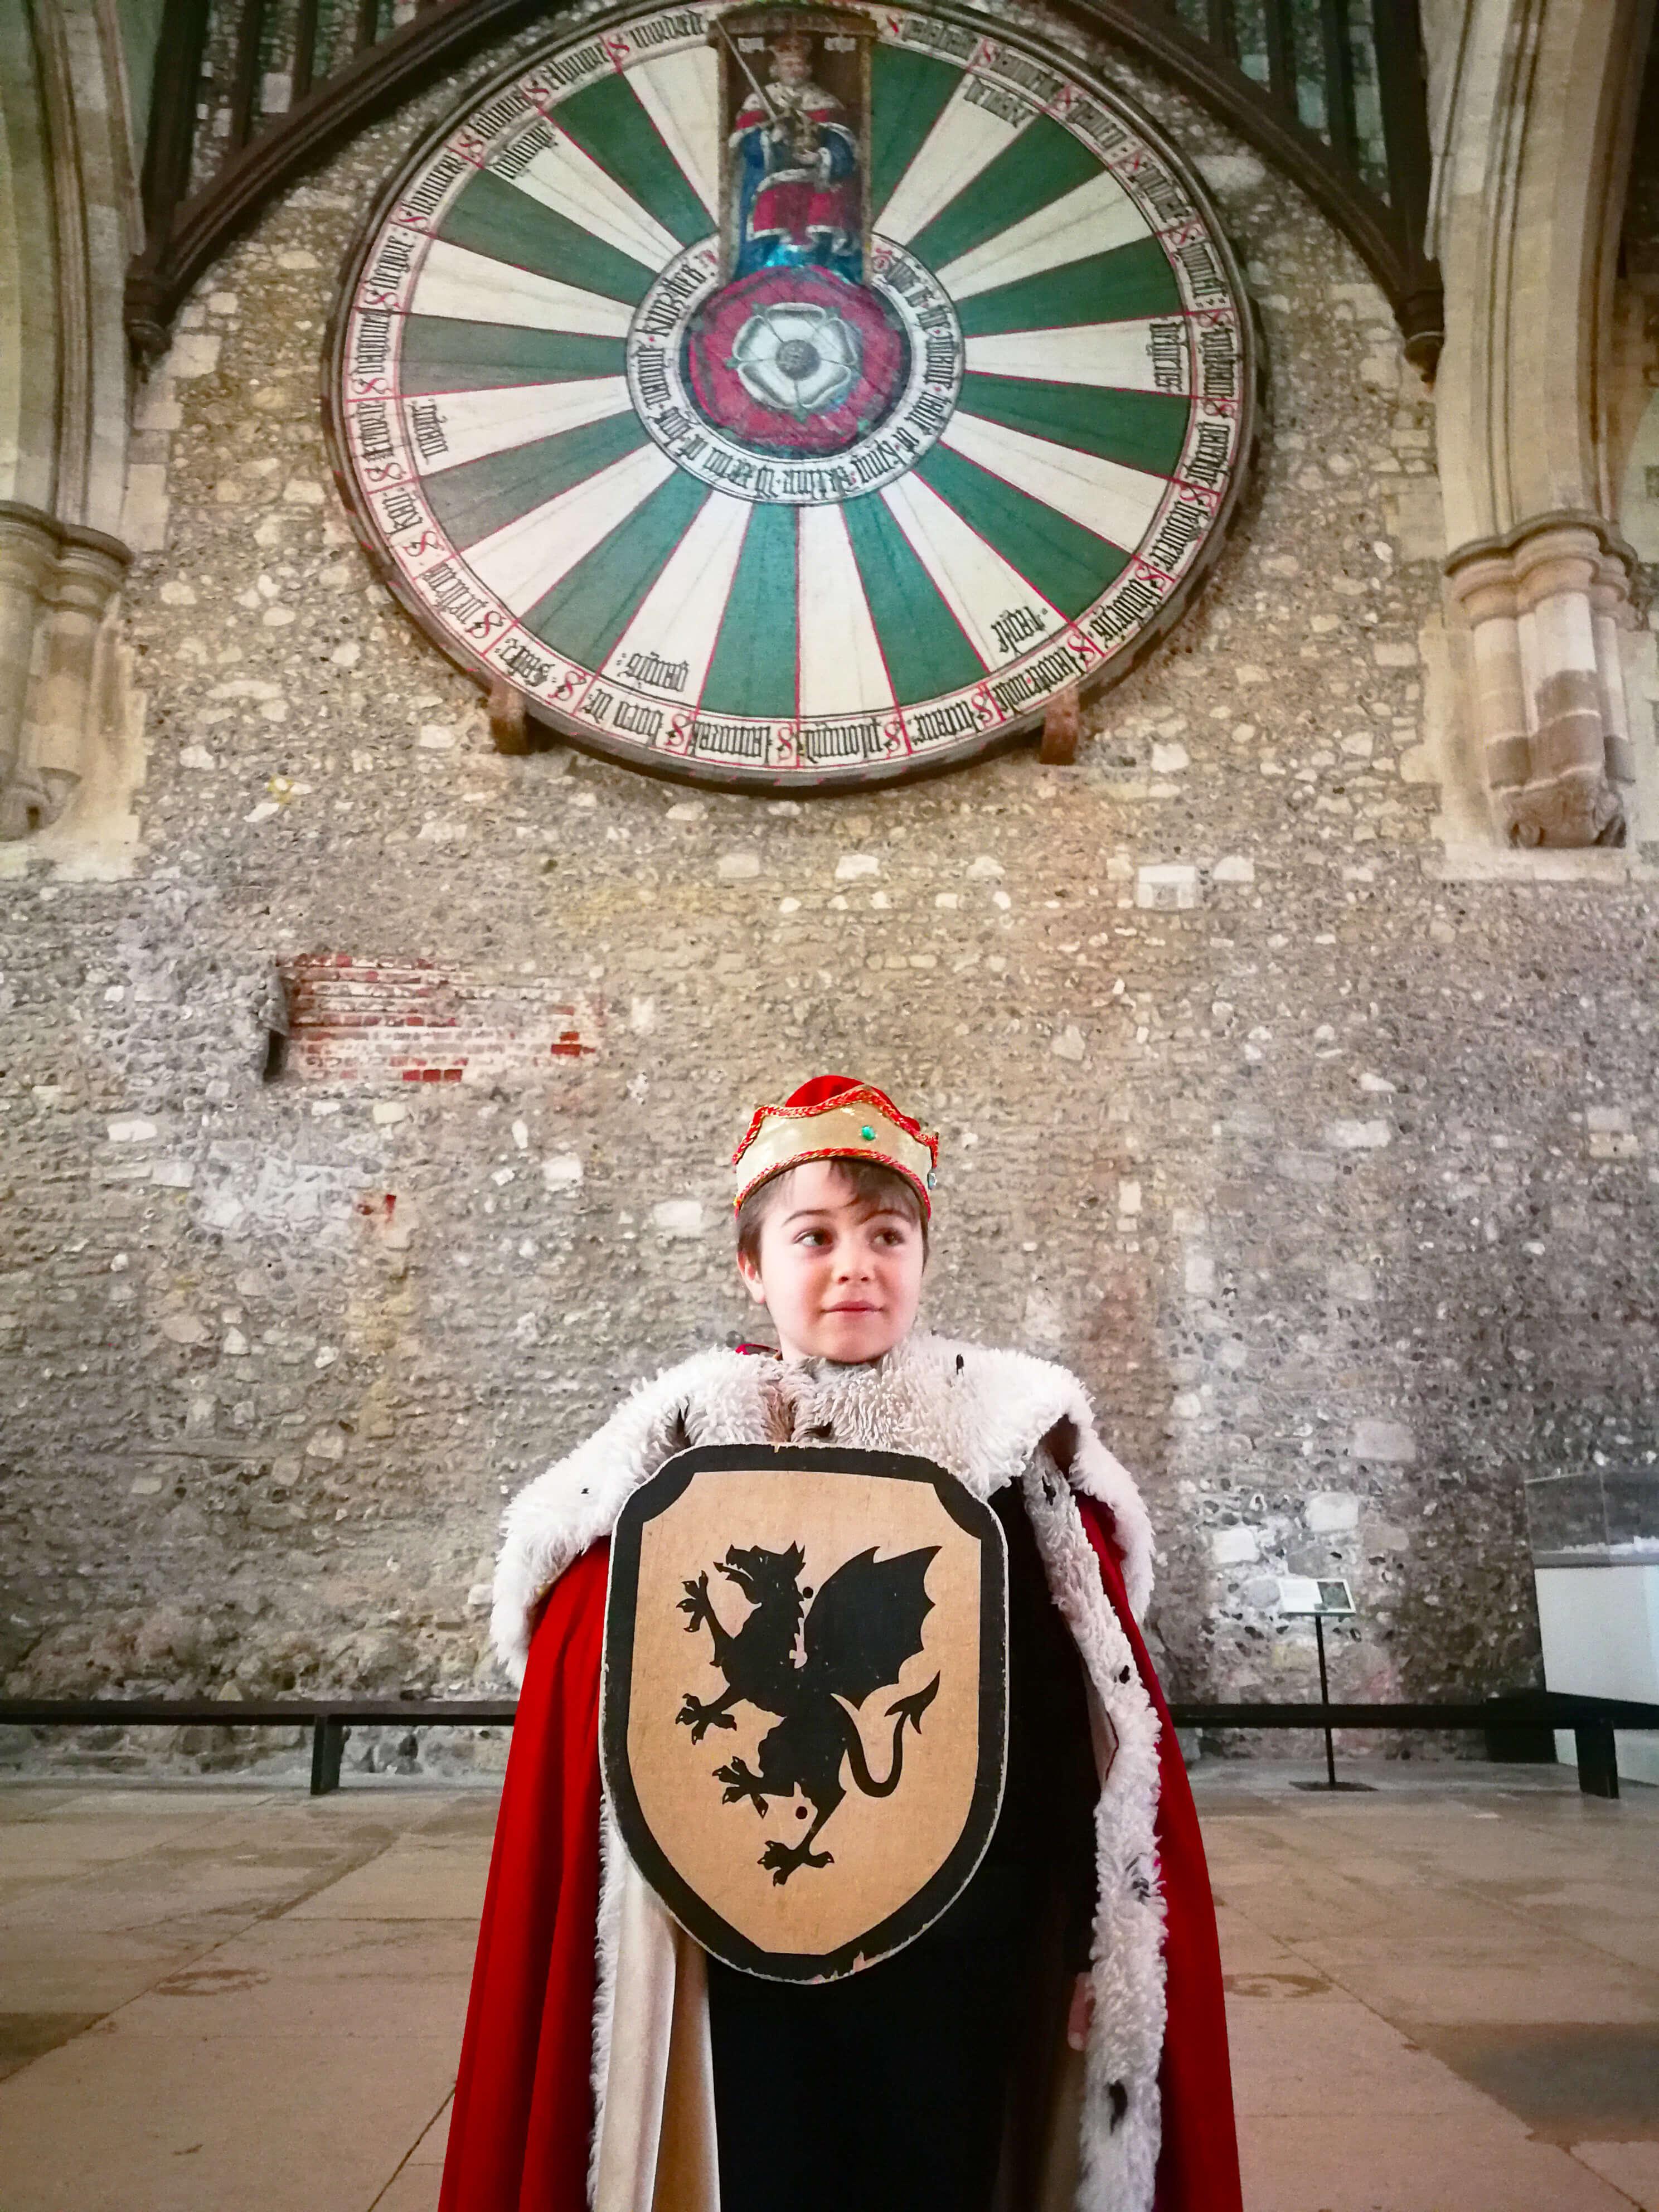 Winchester e la tavola rotonda di re art all 39 arremviaggio - La tavola rotonda di re artu ...